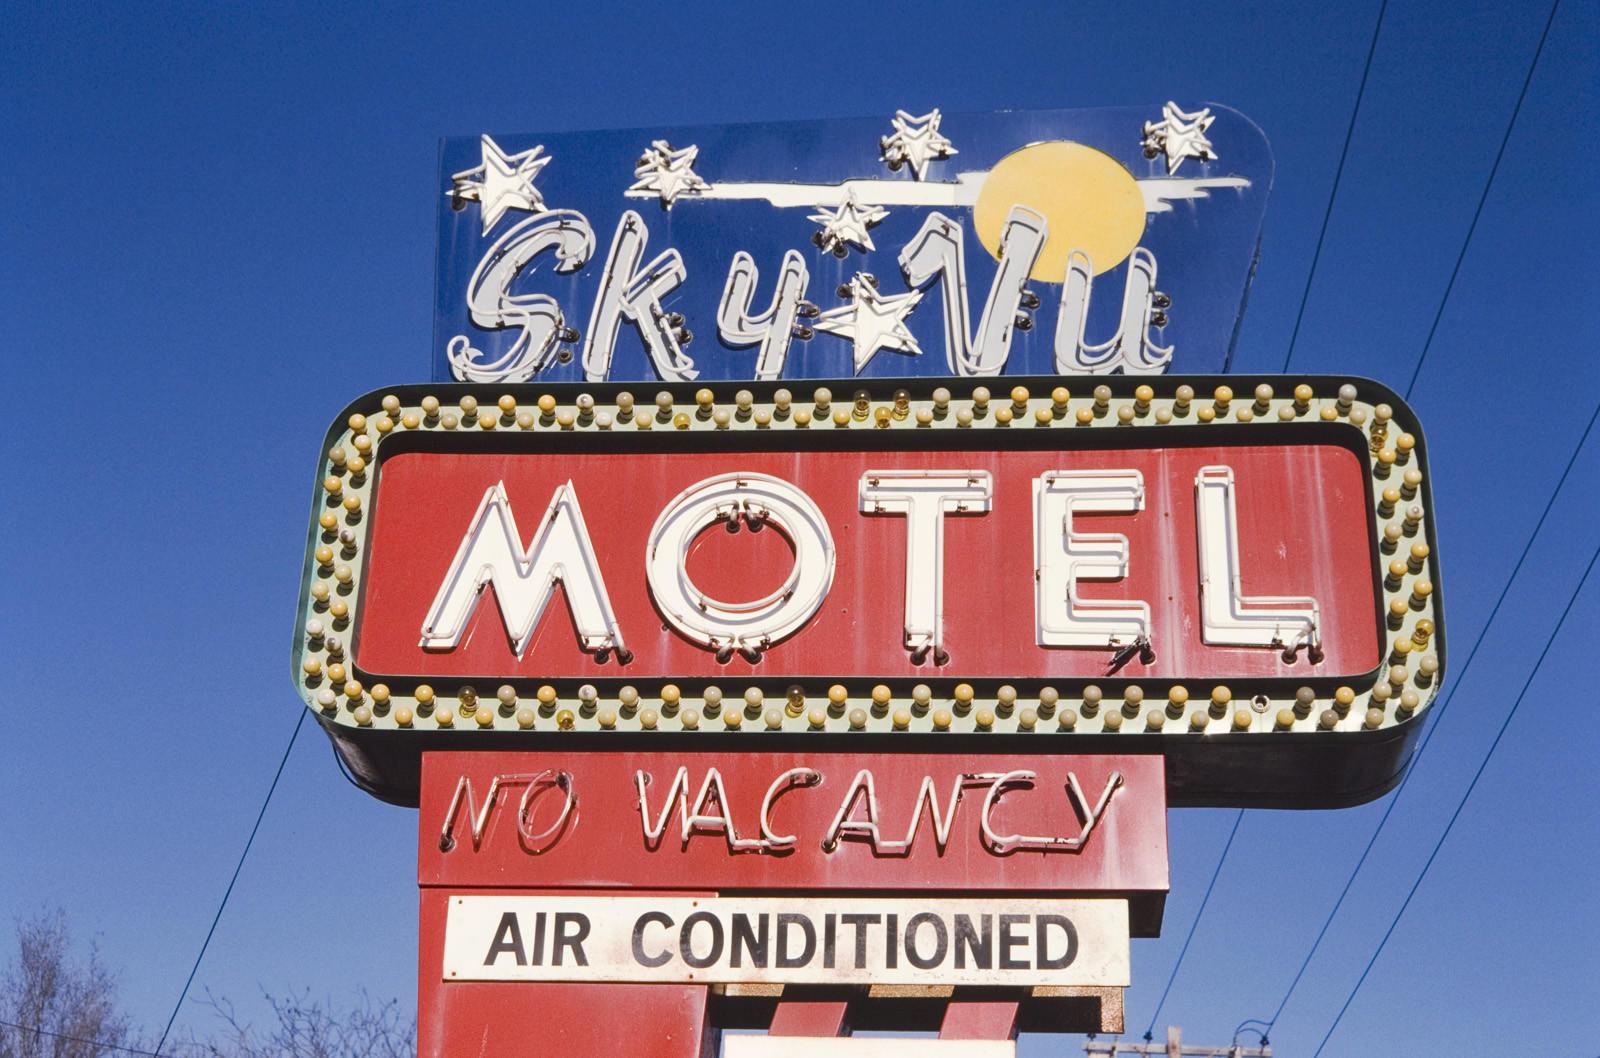 Sky Vu Motel Sign, Kansas City, Mo.